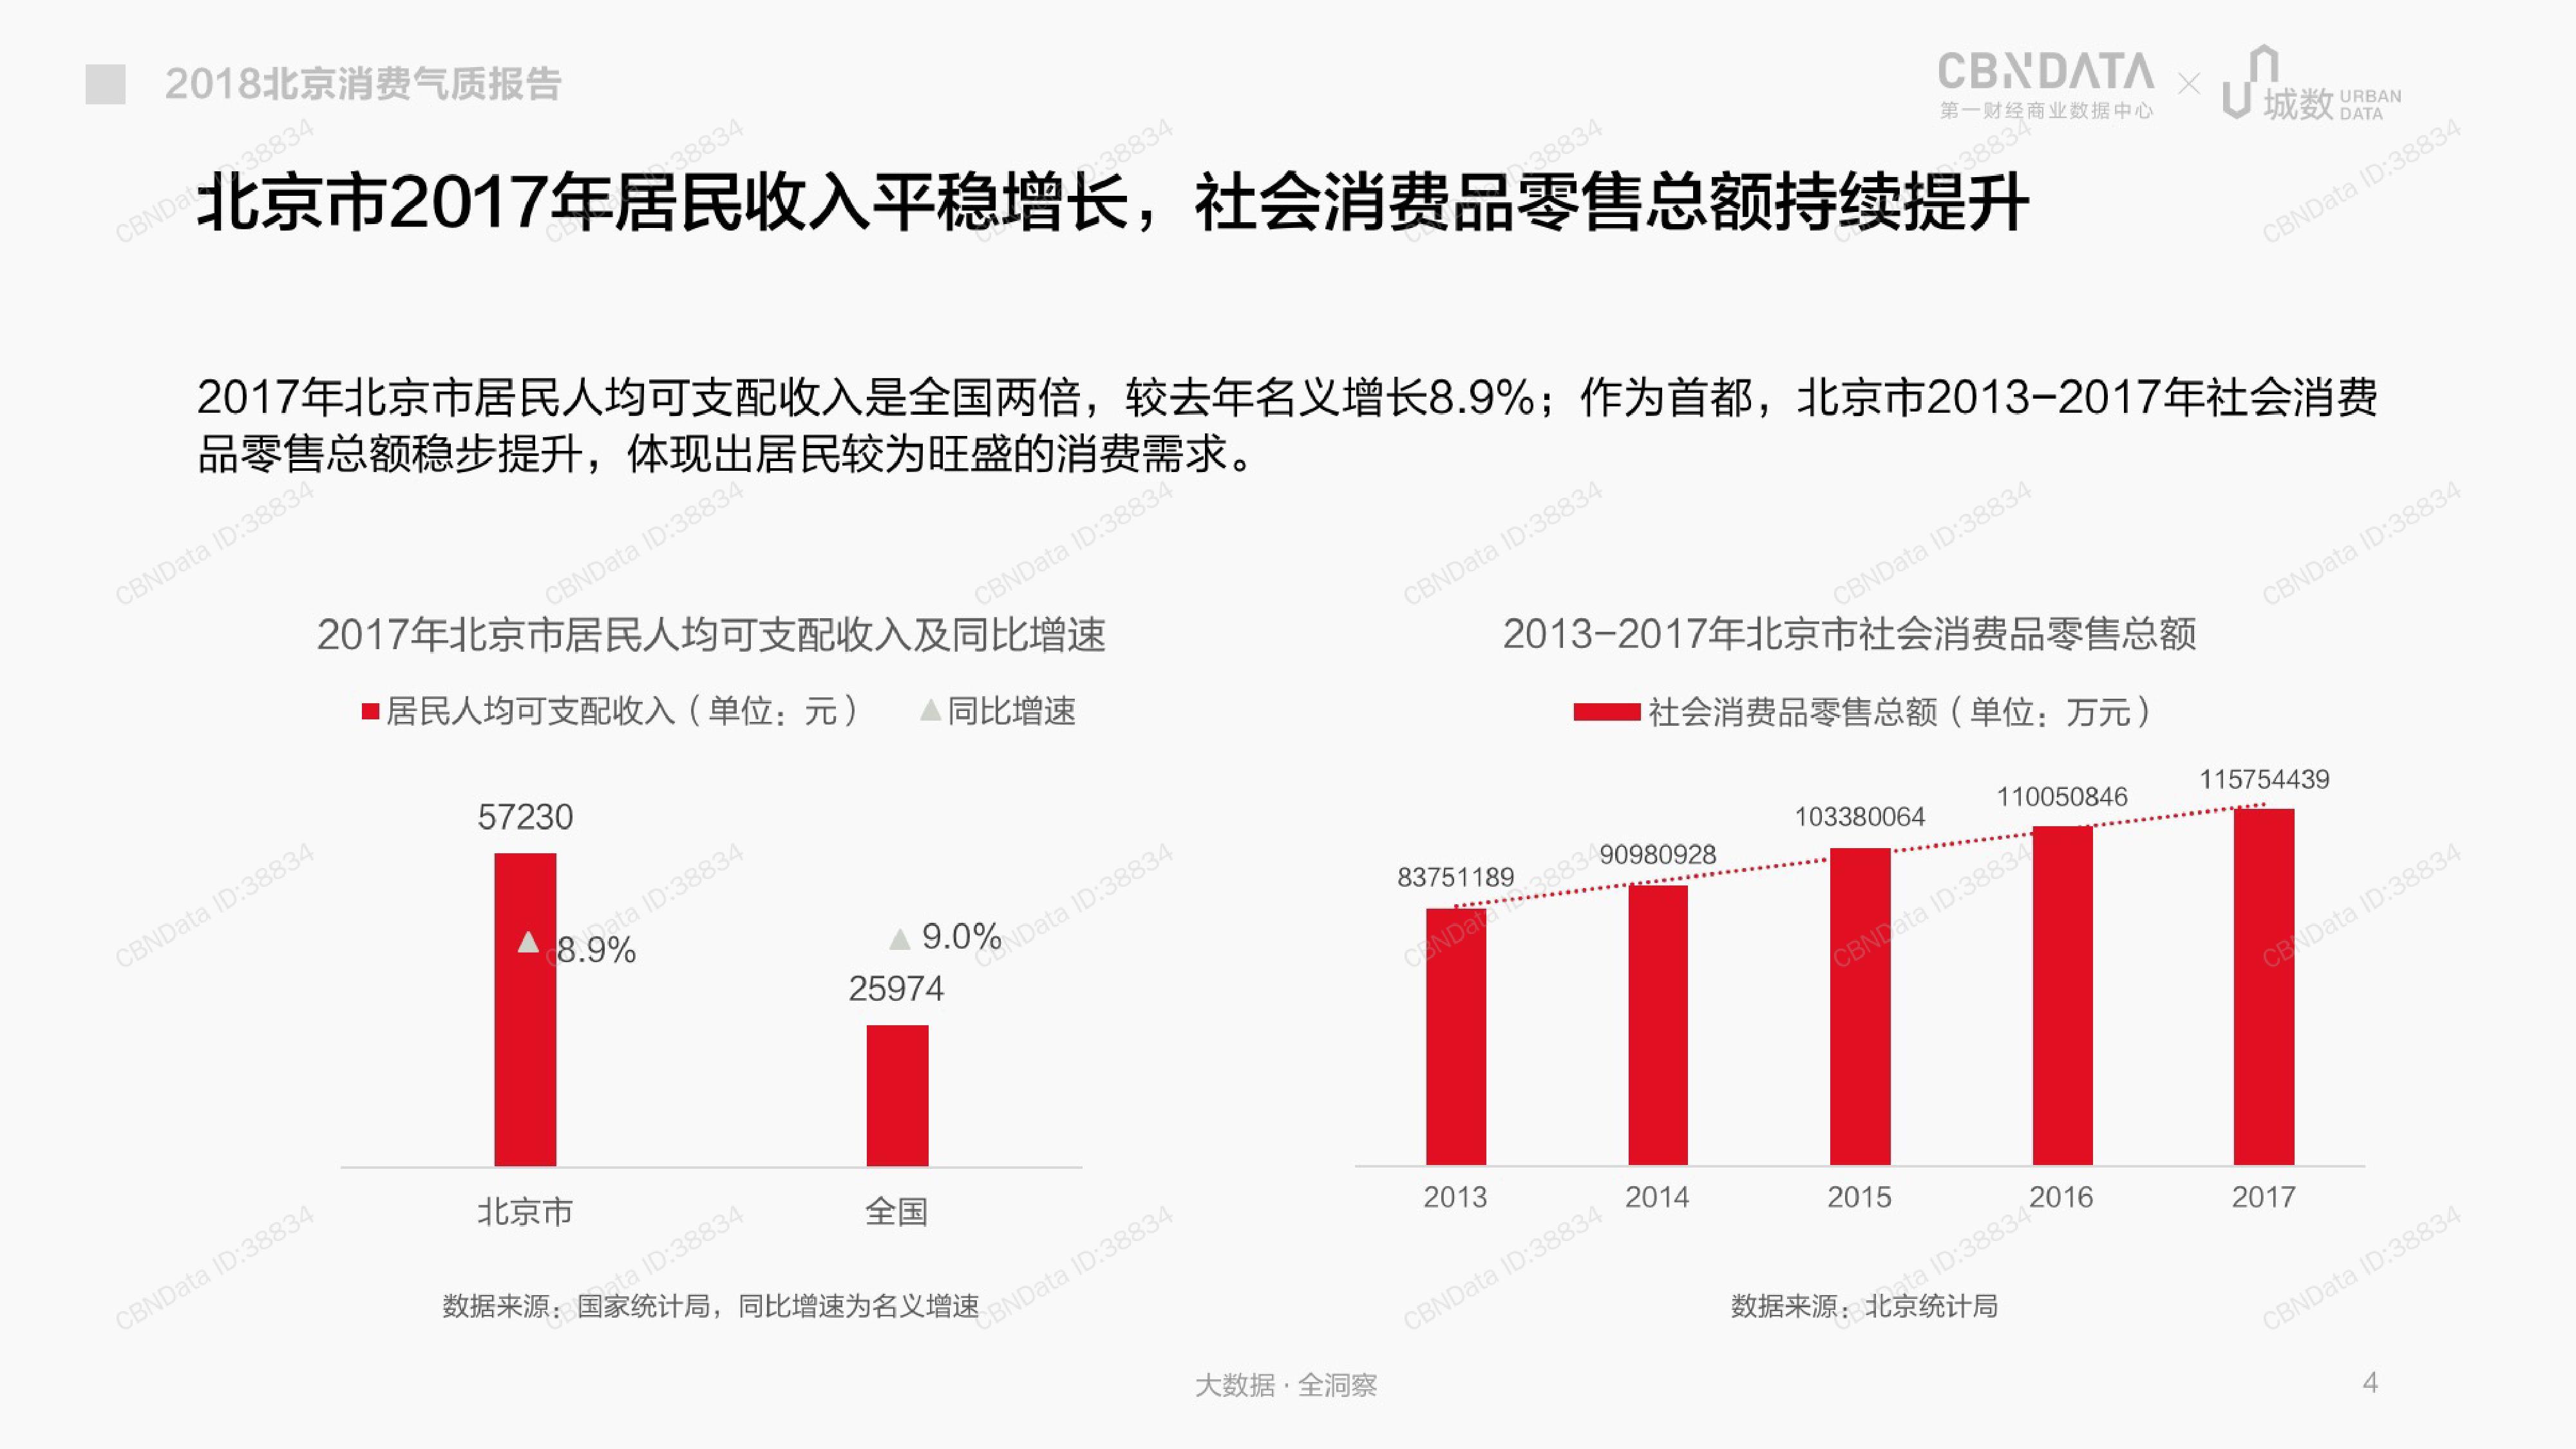 2019脸部护理套装排行_2018年北京消费市场报告:唇膏/口红、香水及面部